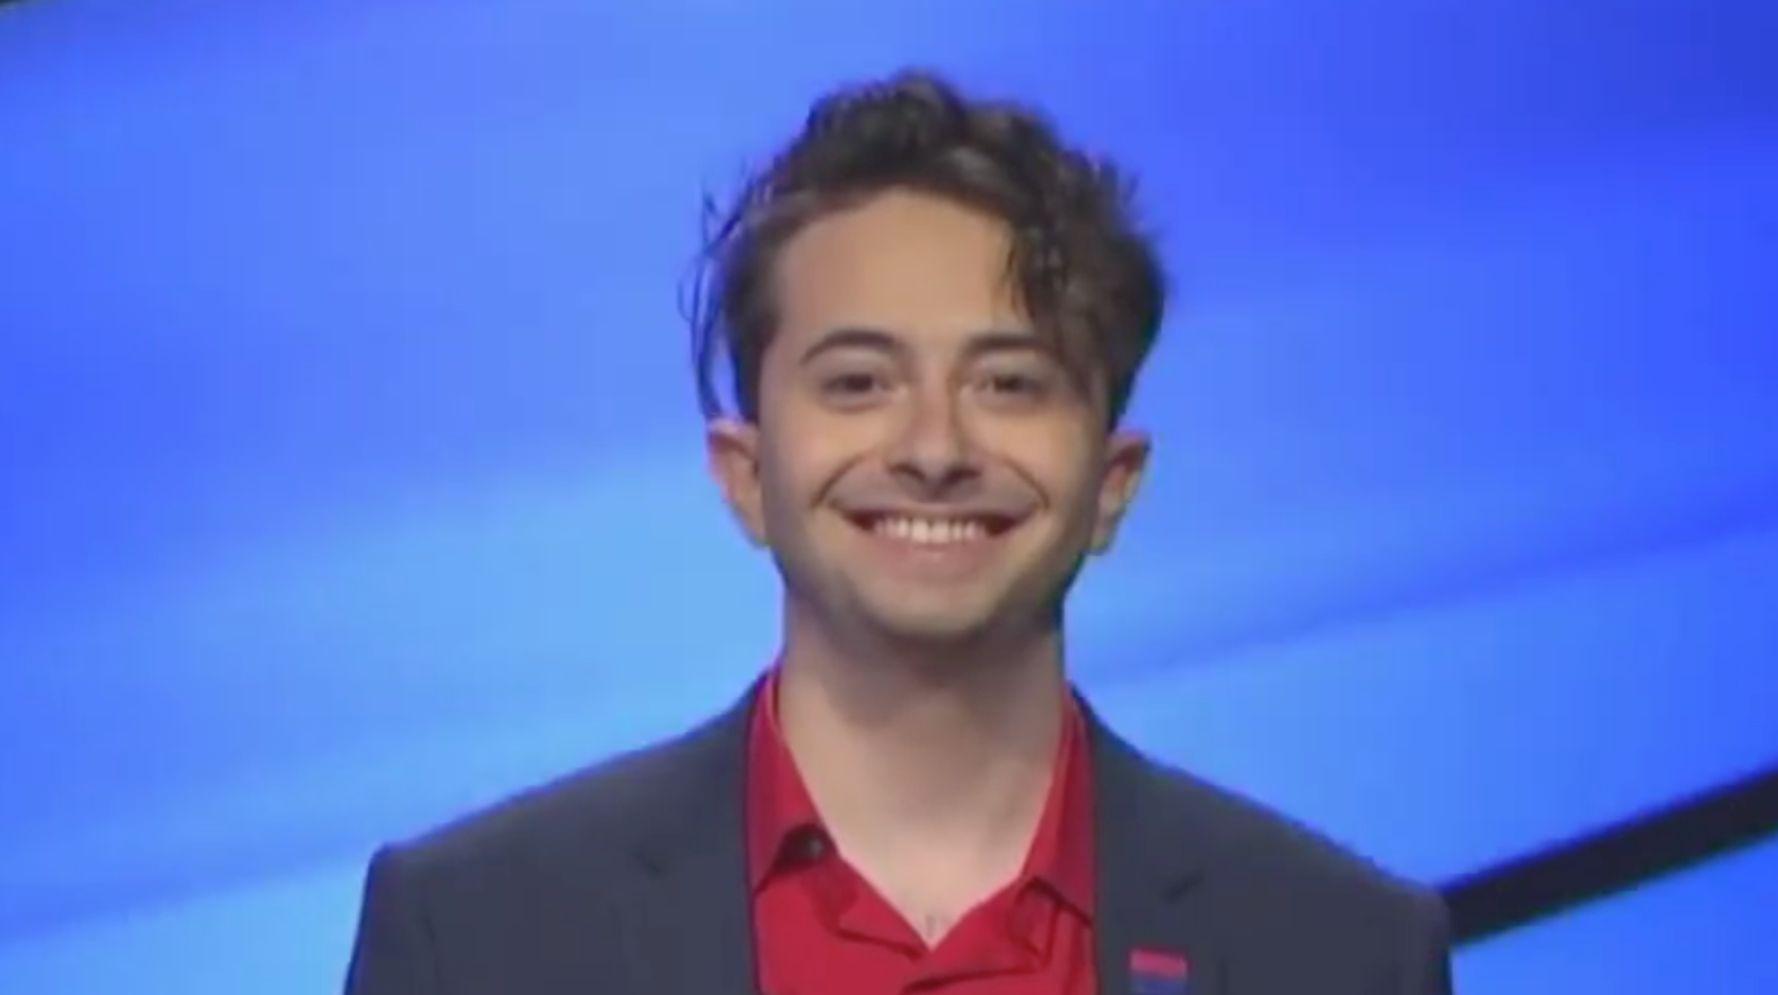 «Опасность!»  Конкурсант похвалил за проявление бисексуальной гордости на игровом шоу